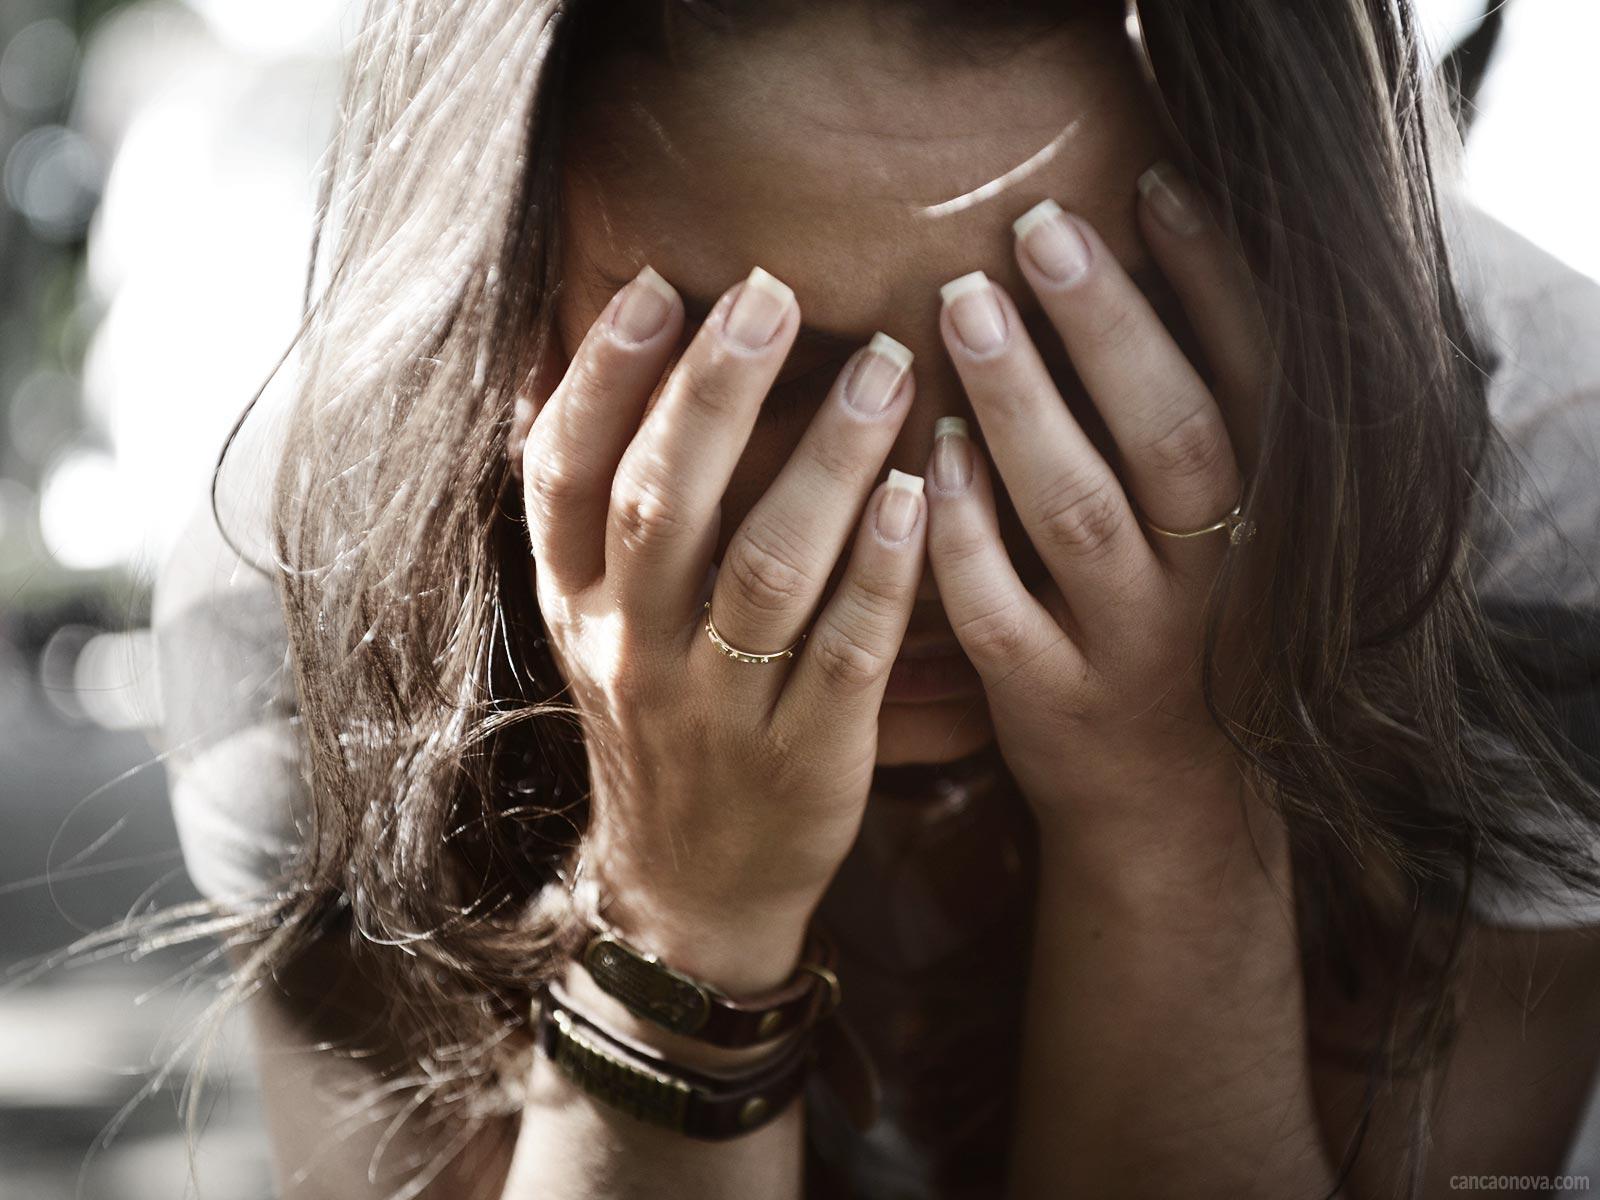 -Quem-tem-fé-e-confia-em-Deus-plenamente-não-se-desespera